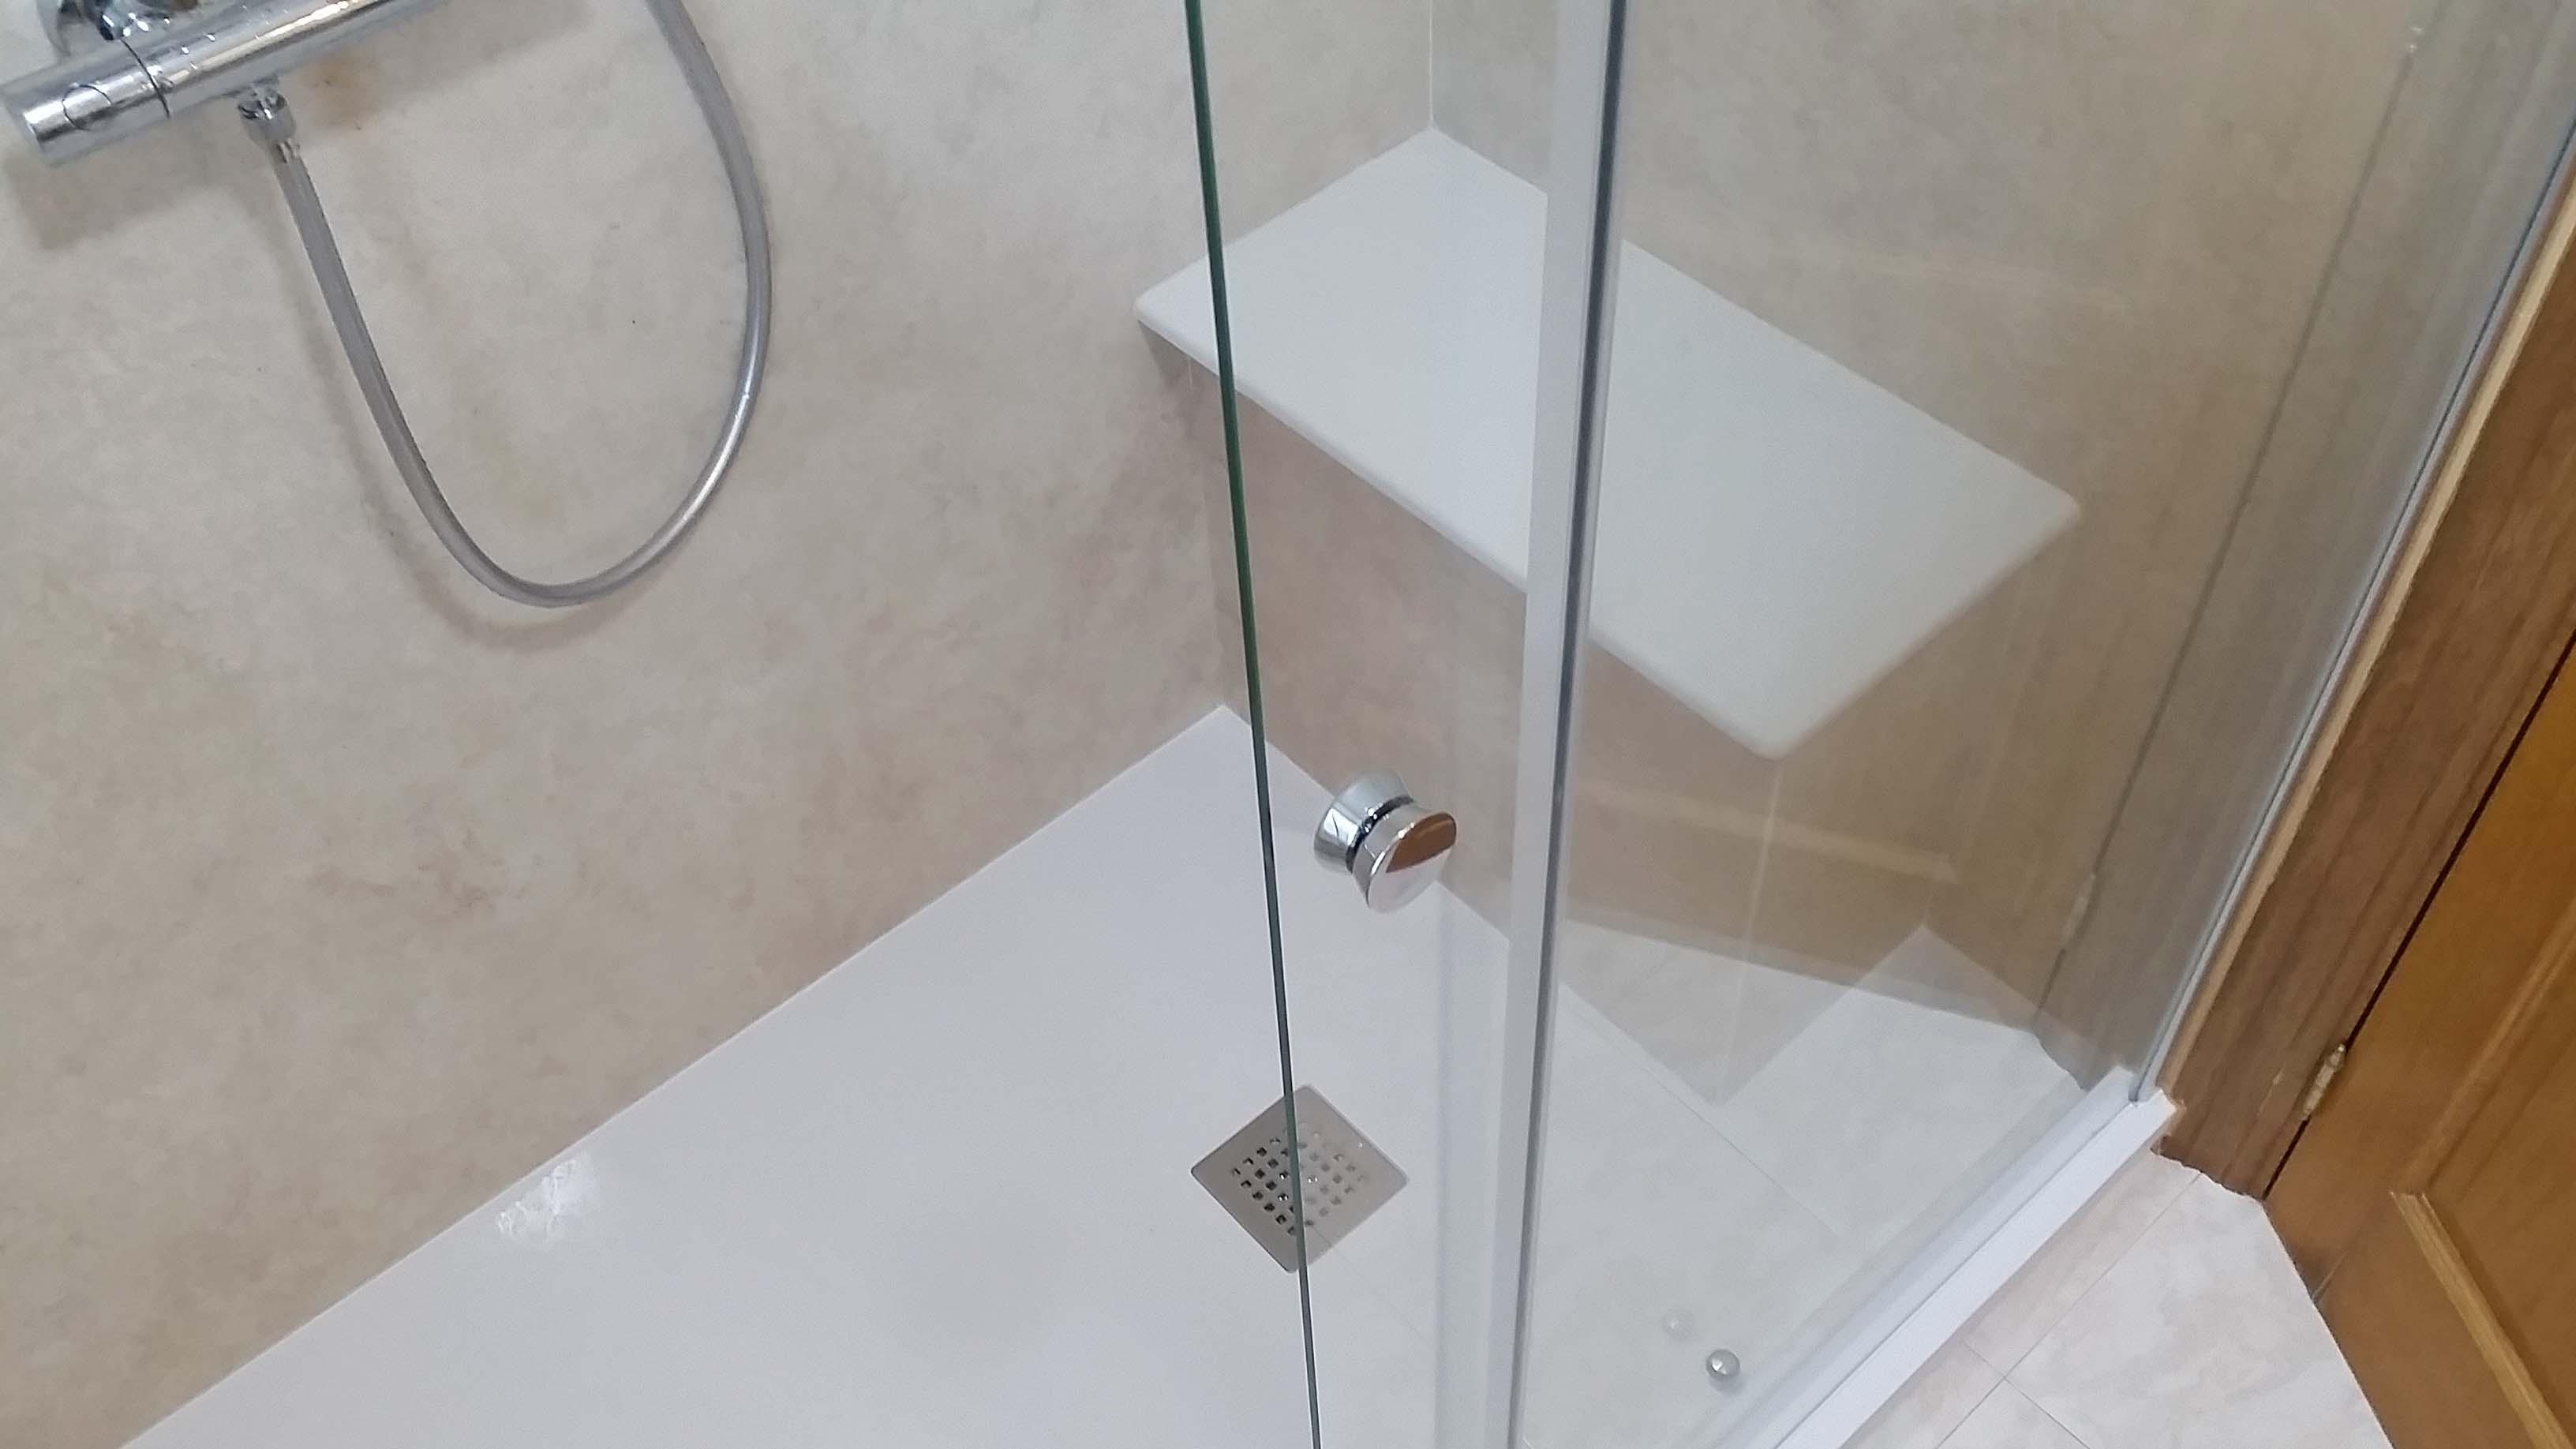 después-Baños-express-Baño-reforma-coruña-cambio bañera por plato de ducha-aseo-renovar-contratista-empresa-de-reformas-renueve su casa-Montrove_9